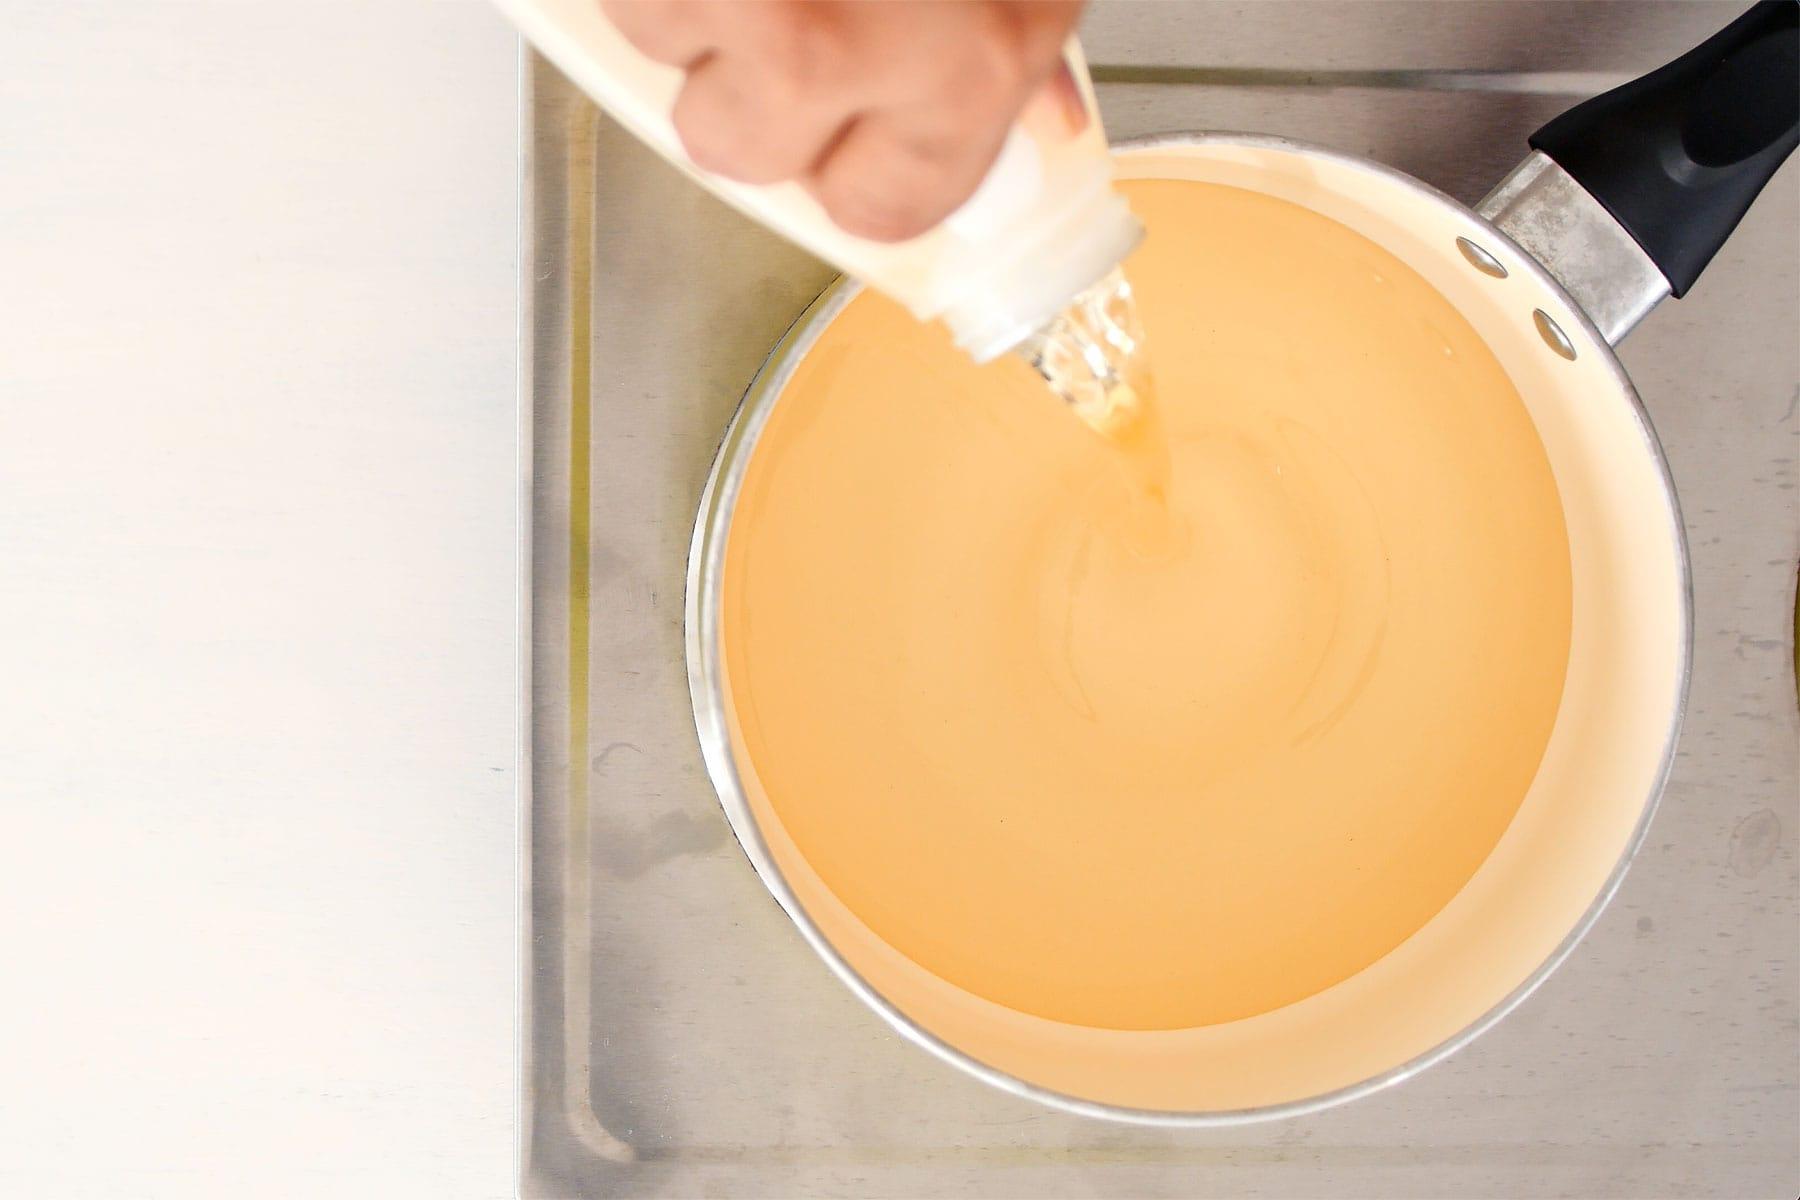 Agregando aceite a la olla